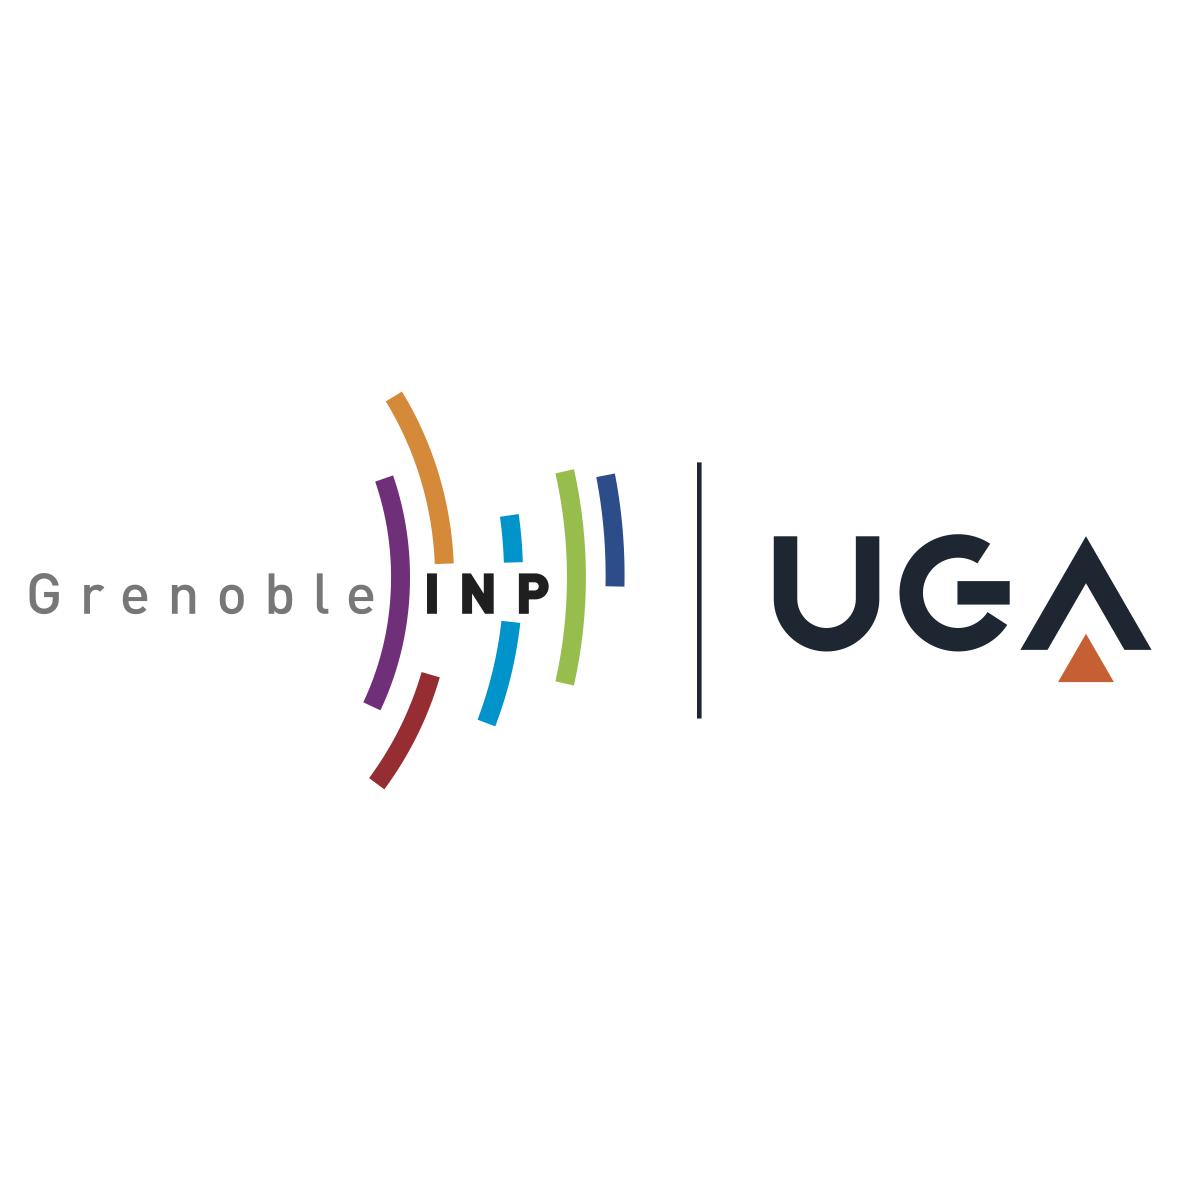 grenoble-inp-etablissement-logo-2020-couleur-cmjn-1.png